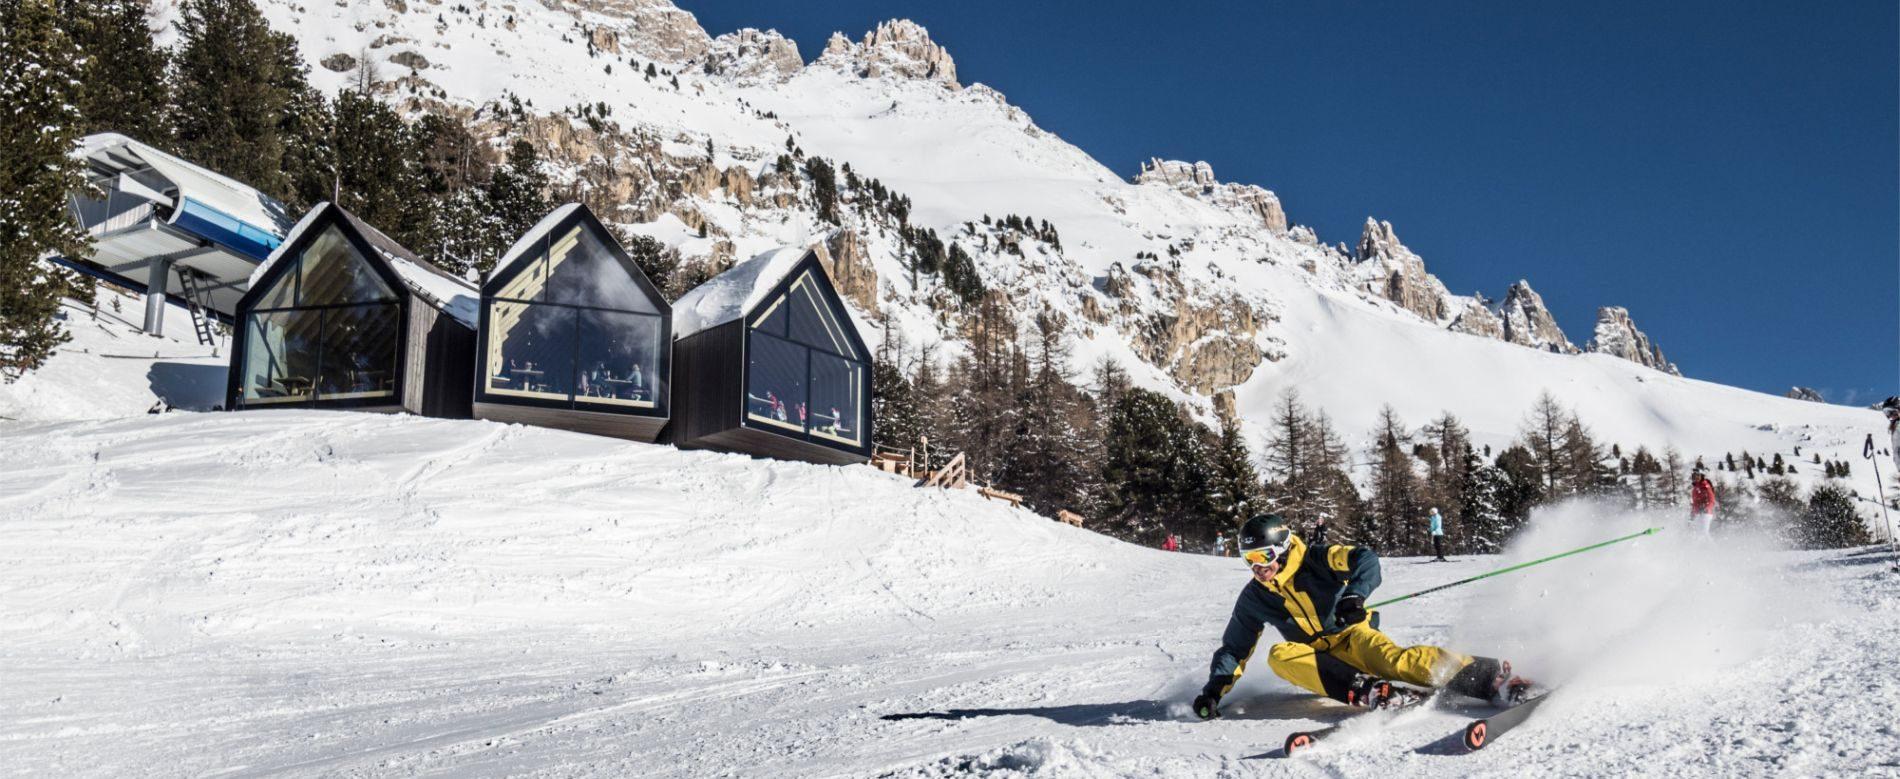 ski resort-sci-e-piste-ski-center-latemar-obereggen trentino alto adige